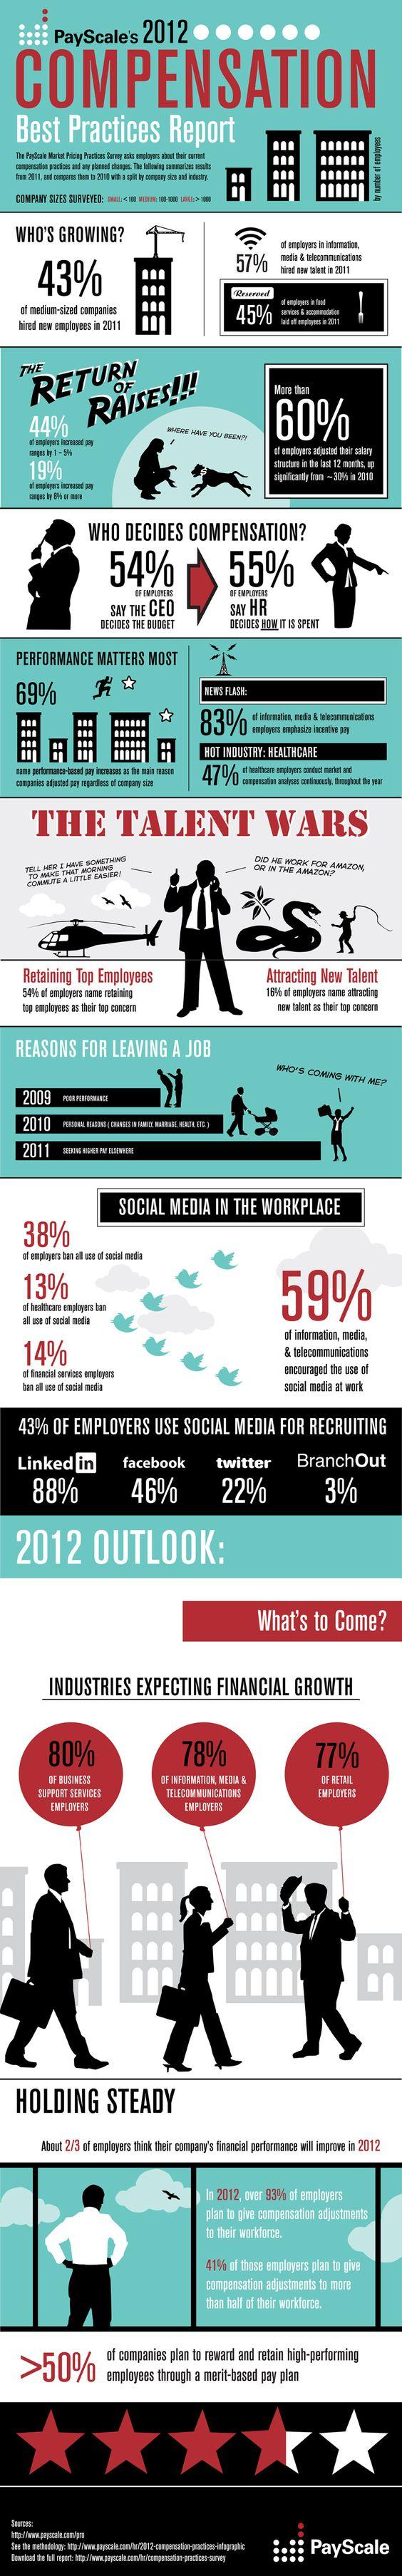 Studie von Payscale über Angestellte, dessen Erwartungen für 2012, deren Lohnentwicklung und wie mit Social Media am Arbeitsplatz und fürs Recruiting verwendet wird.